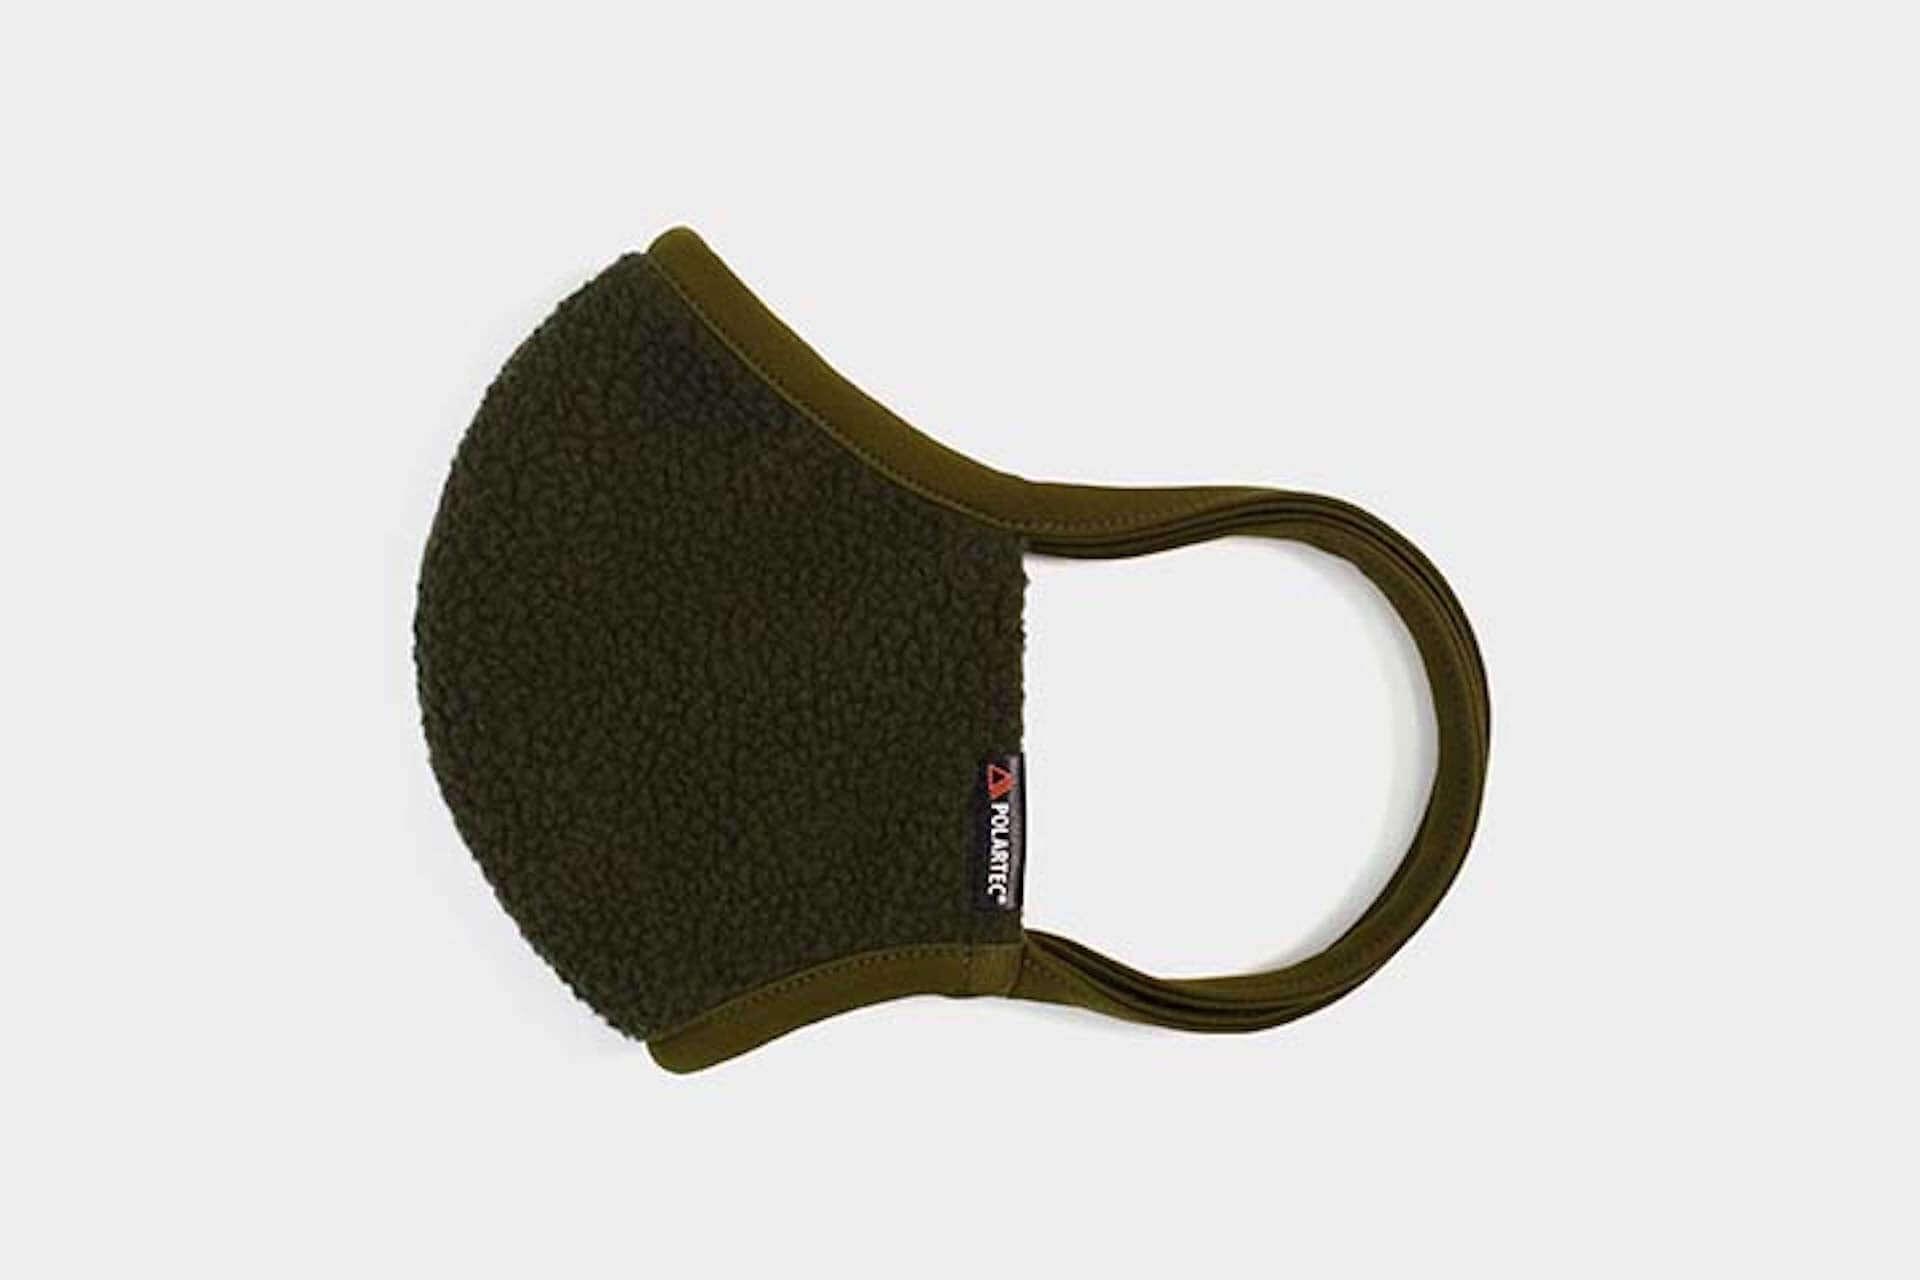 真冬のコーディネートにもおすすめ!「POLARTEC(R)」のボアフリースを使用したマスクが発売 lf210112_fleecemask_7-1920x1280